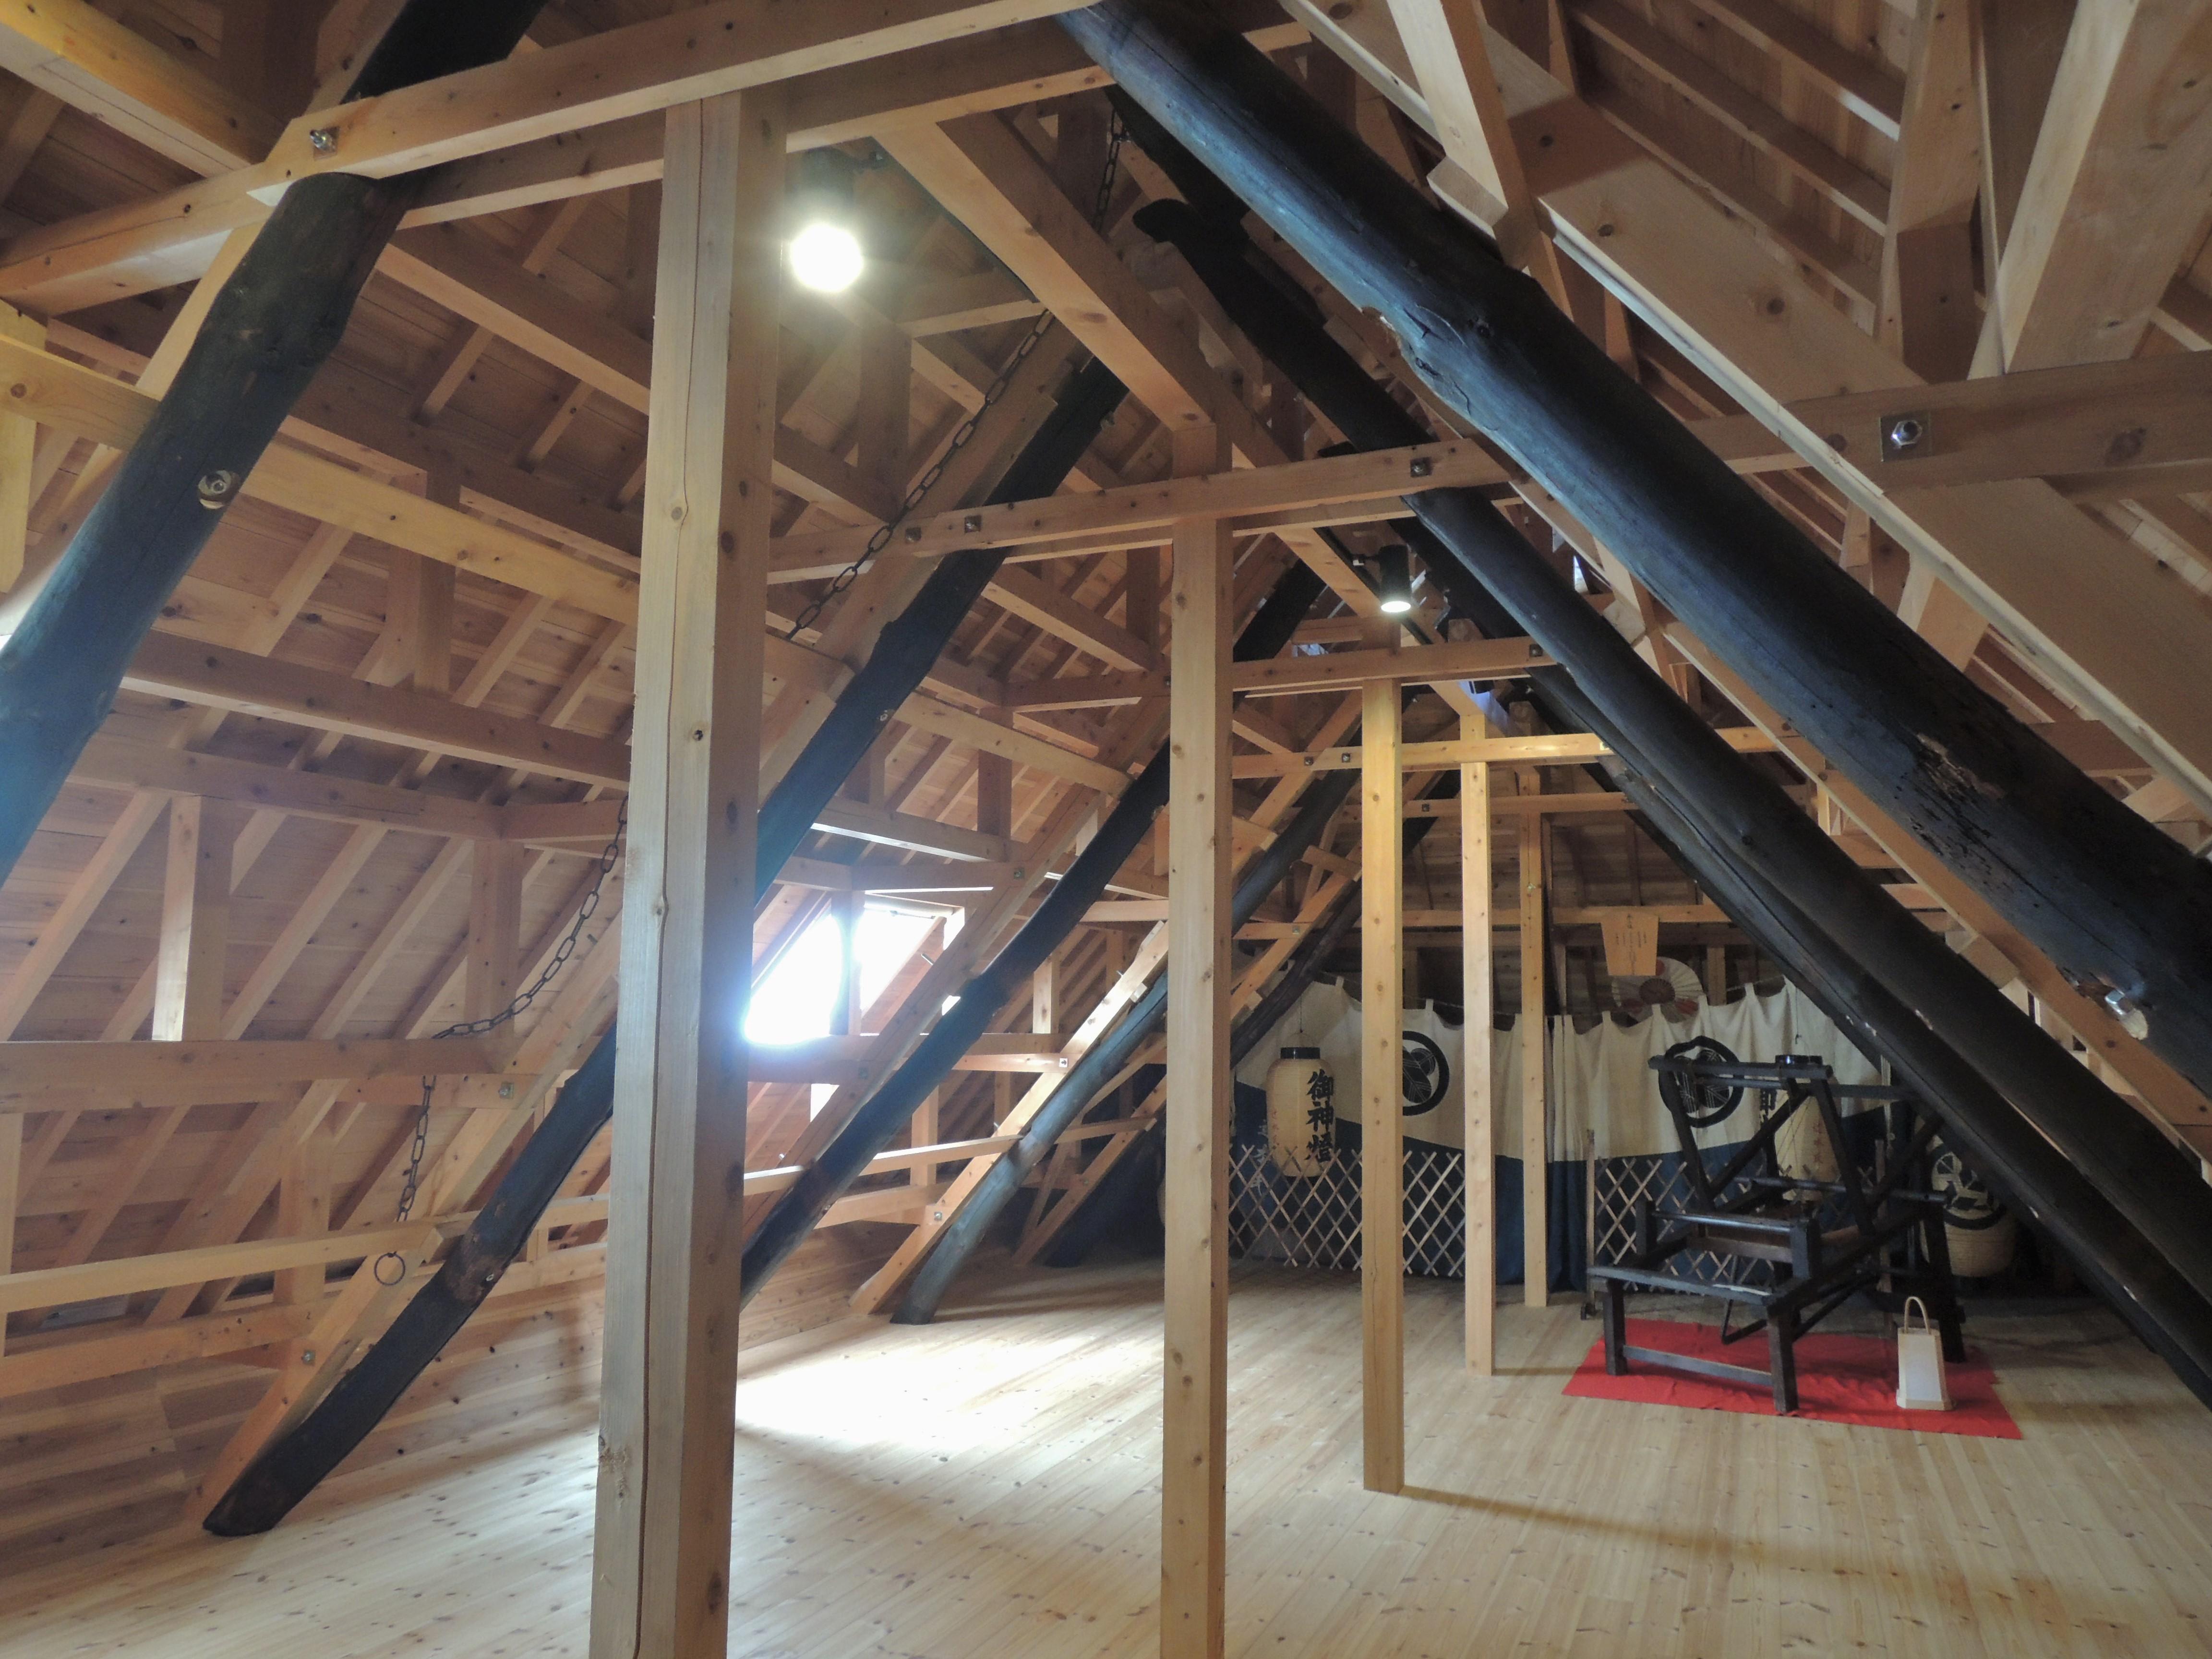 <p>屋頂内的構造</p>屋頂結構是再構築的,留下了棟木和叉首。椽子的位置考慮了原来的茅屋頂的厚度。中央附近可看到的鉄鏈条是鋪茅草時的保命綱。地板下原有的断熱土層則原封不動,在此之上鋪地板。